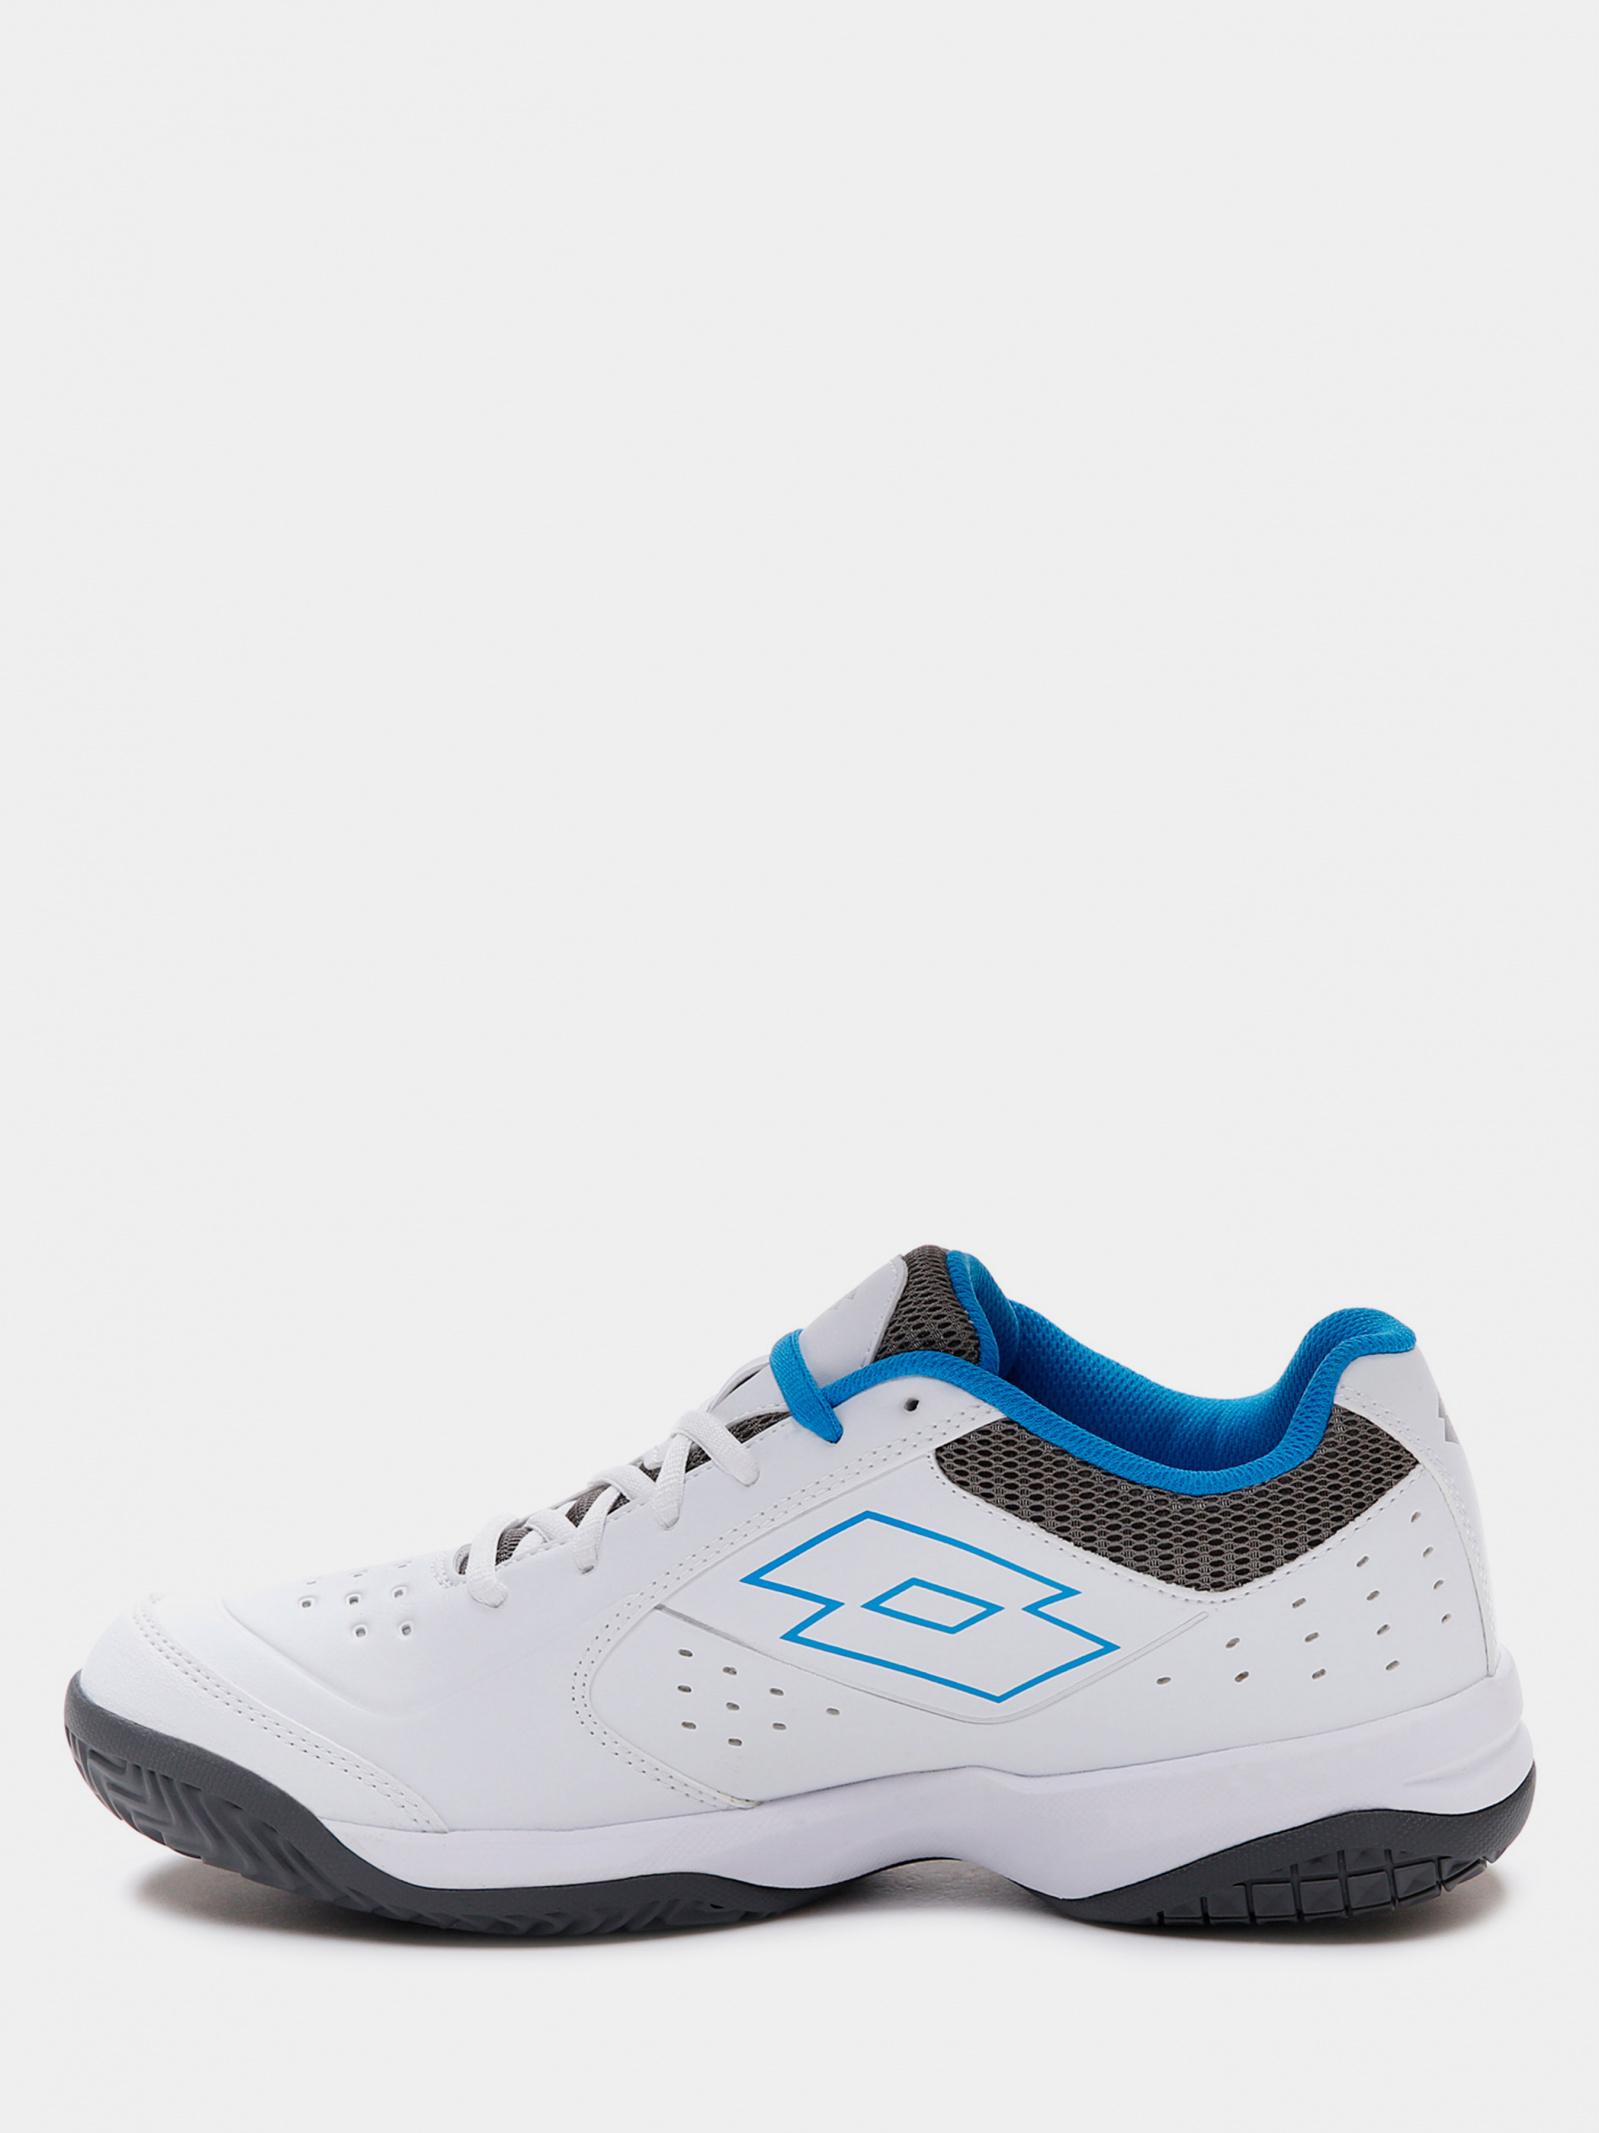 Кроссовки теннисные для мужчин SPACE 600 II ALR 213630_5Y0 цена, 2017